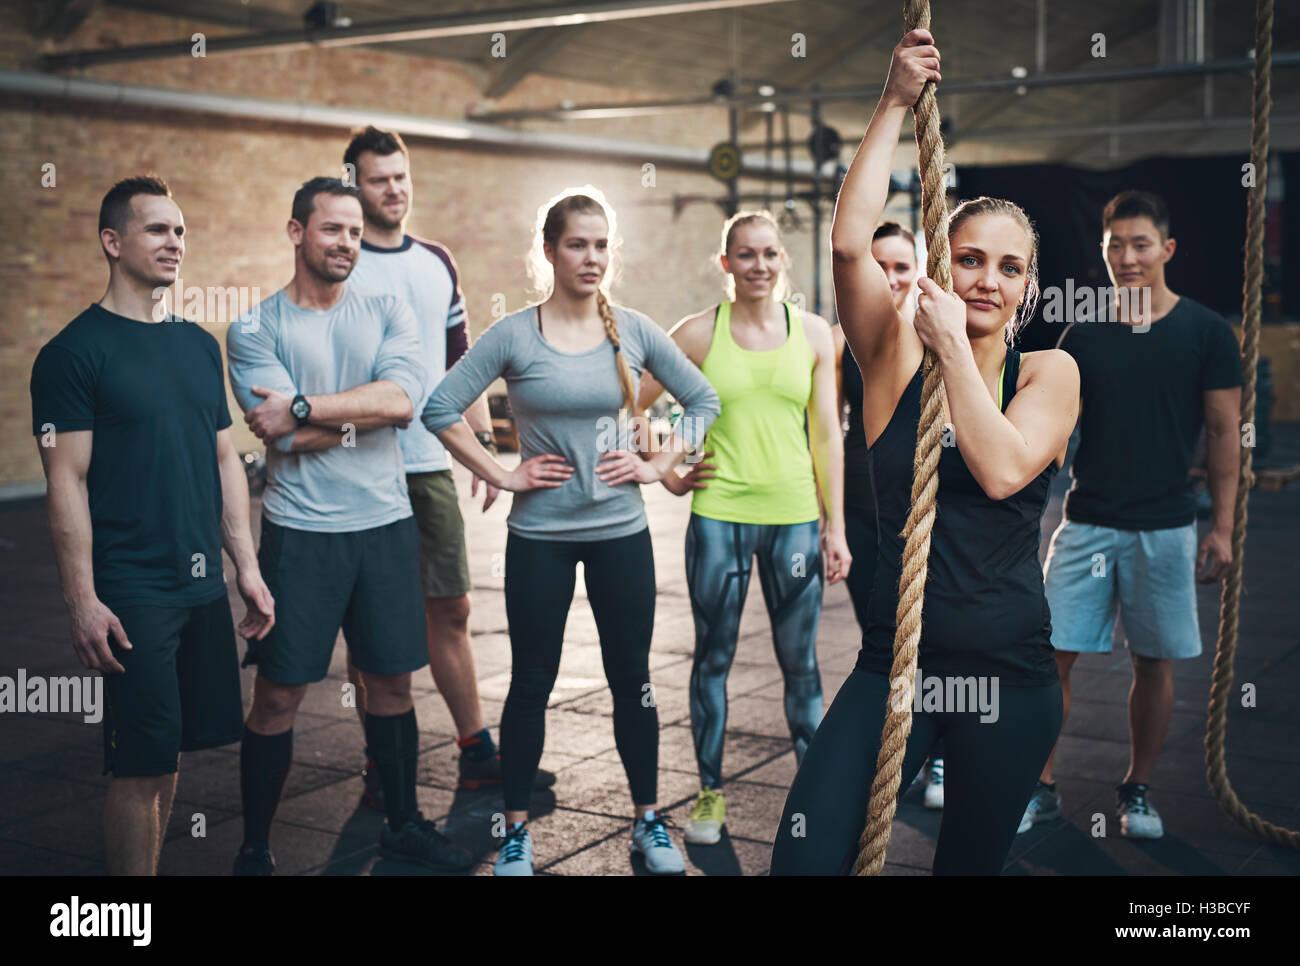 Groupe d'adultes regardant femme corde d'escalade dans l'utilisation de l'exercice d'entraînement Photo Stock